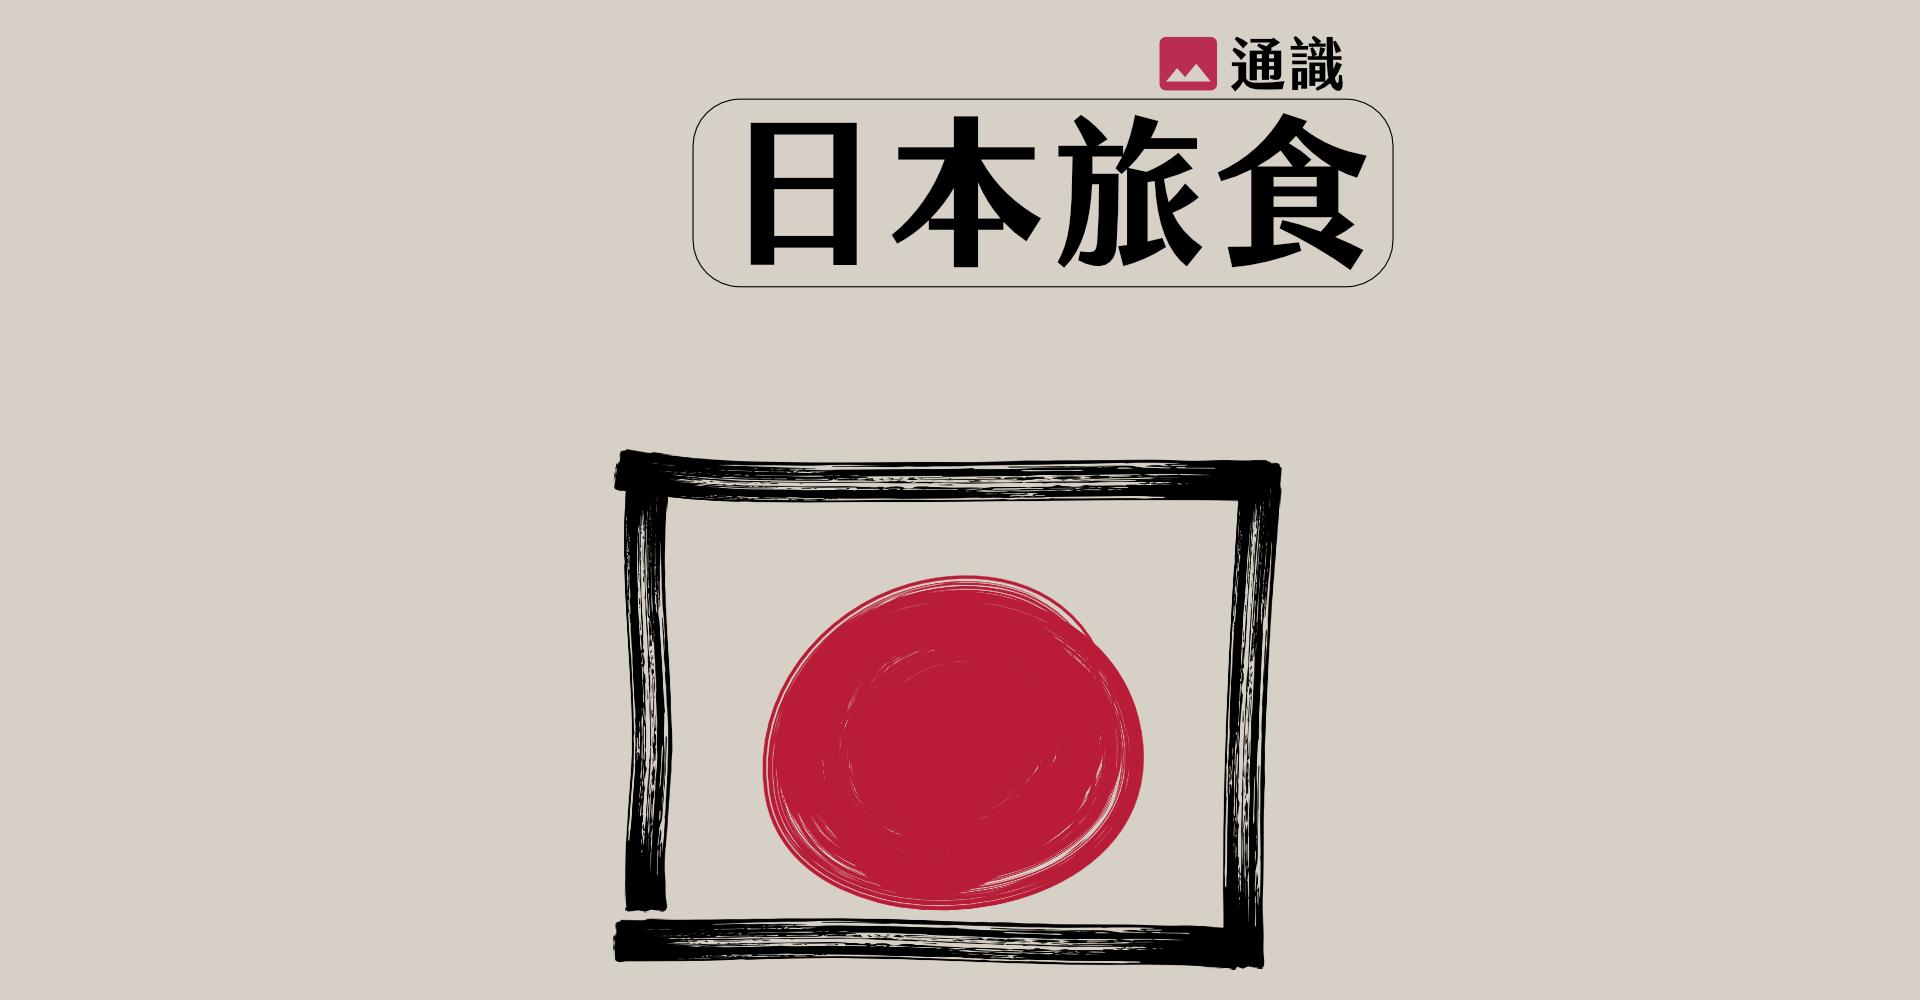 2-3-1日本.png